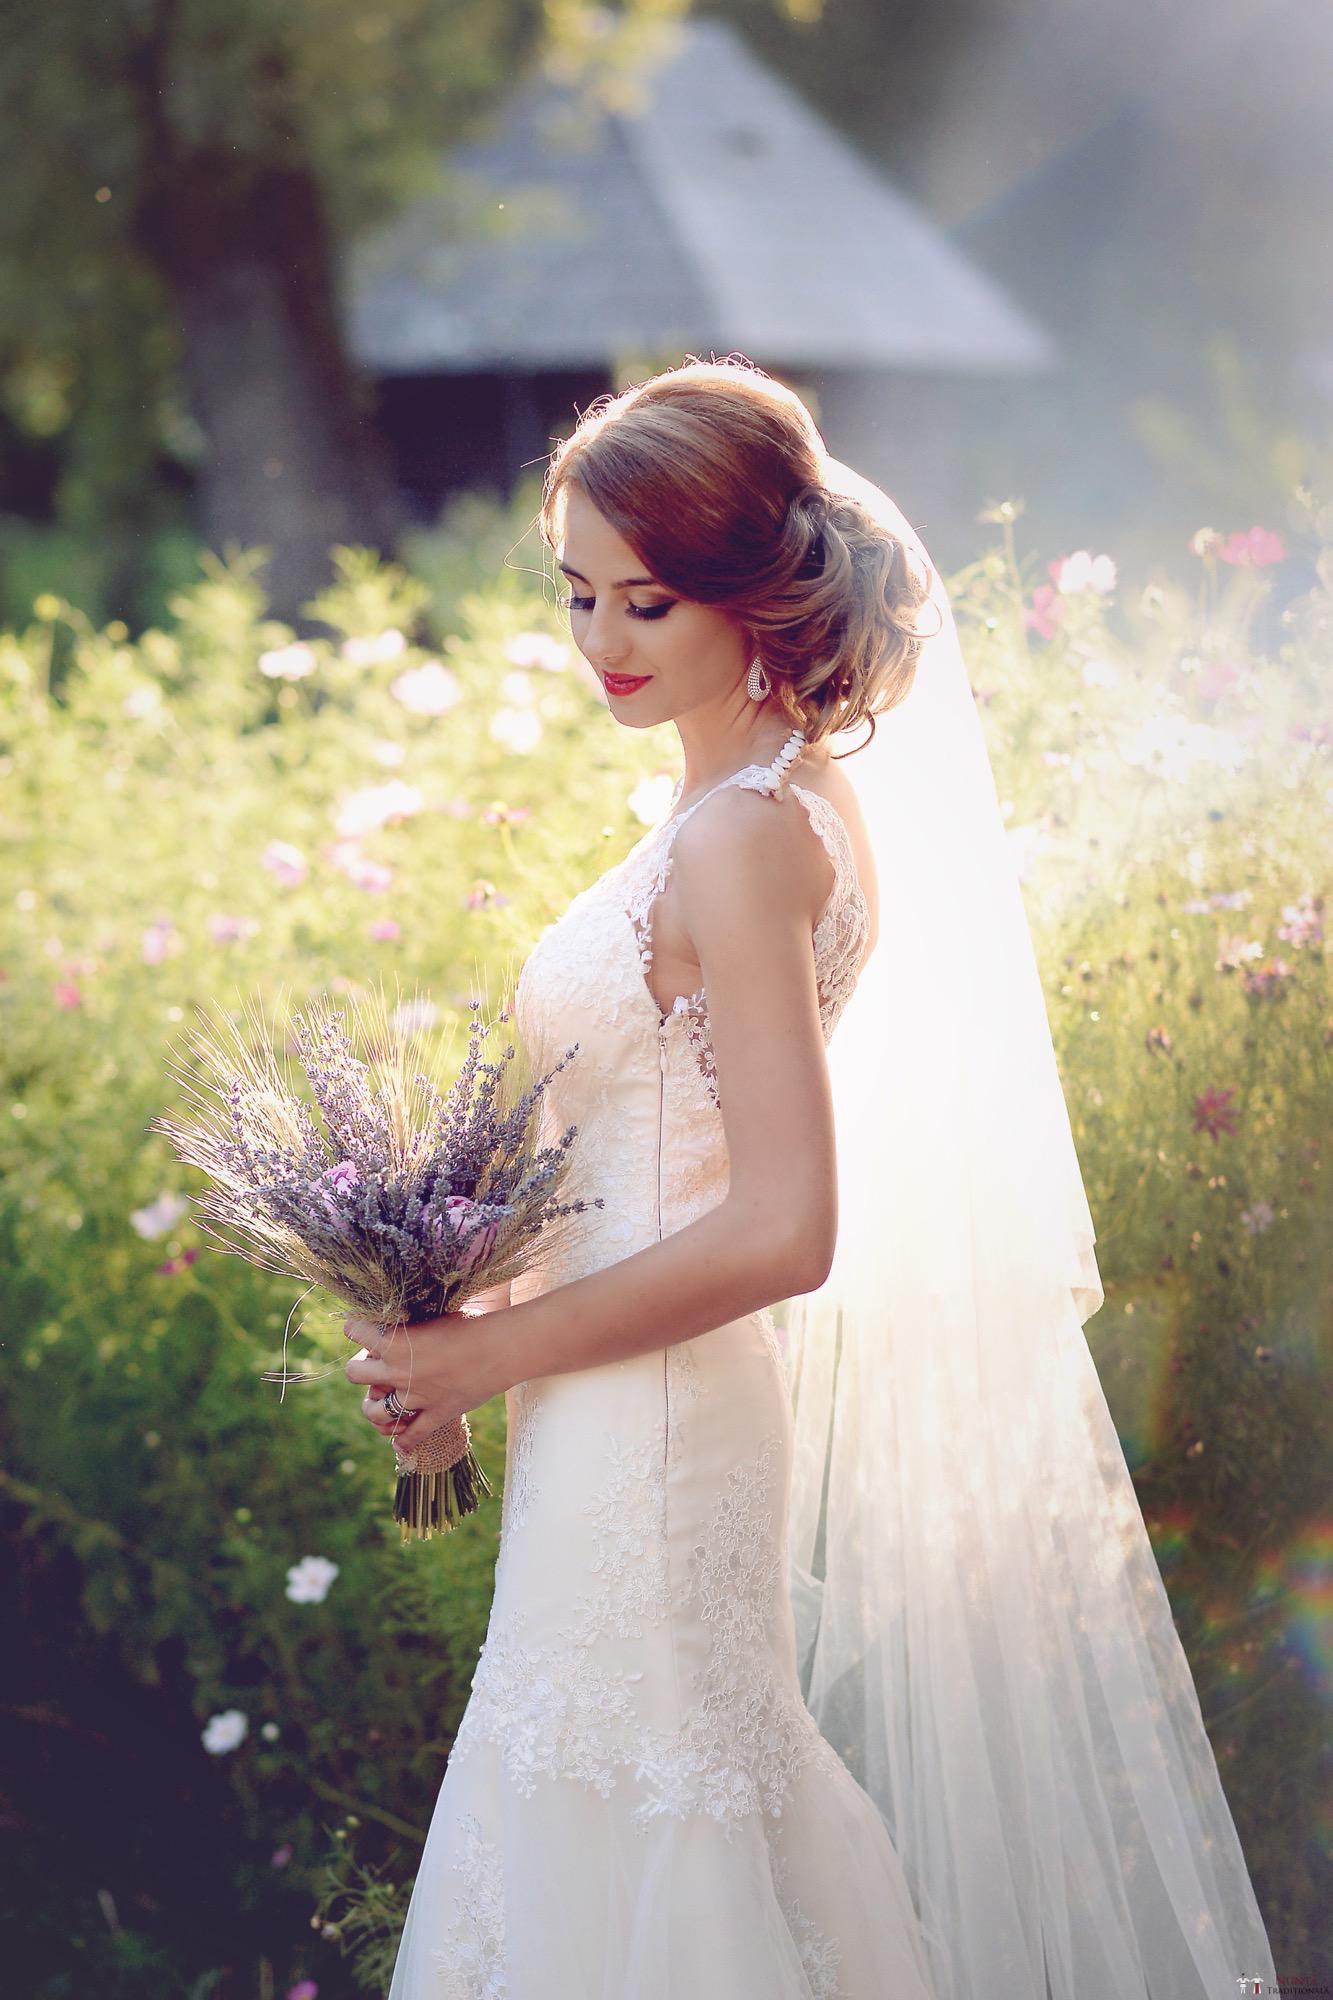 Povești Nunți Tradiționale - Iulia și Andrei. Nuntă tradițională în Bucovina. 76